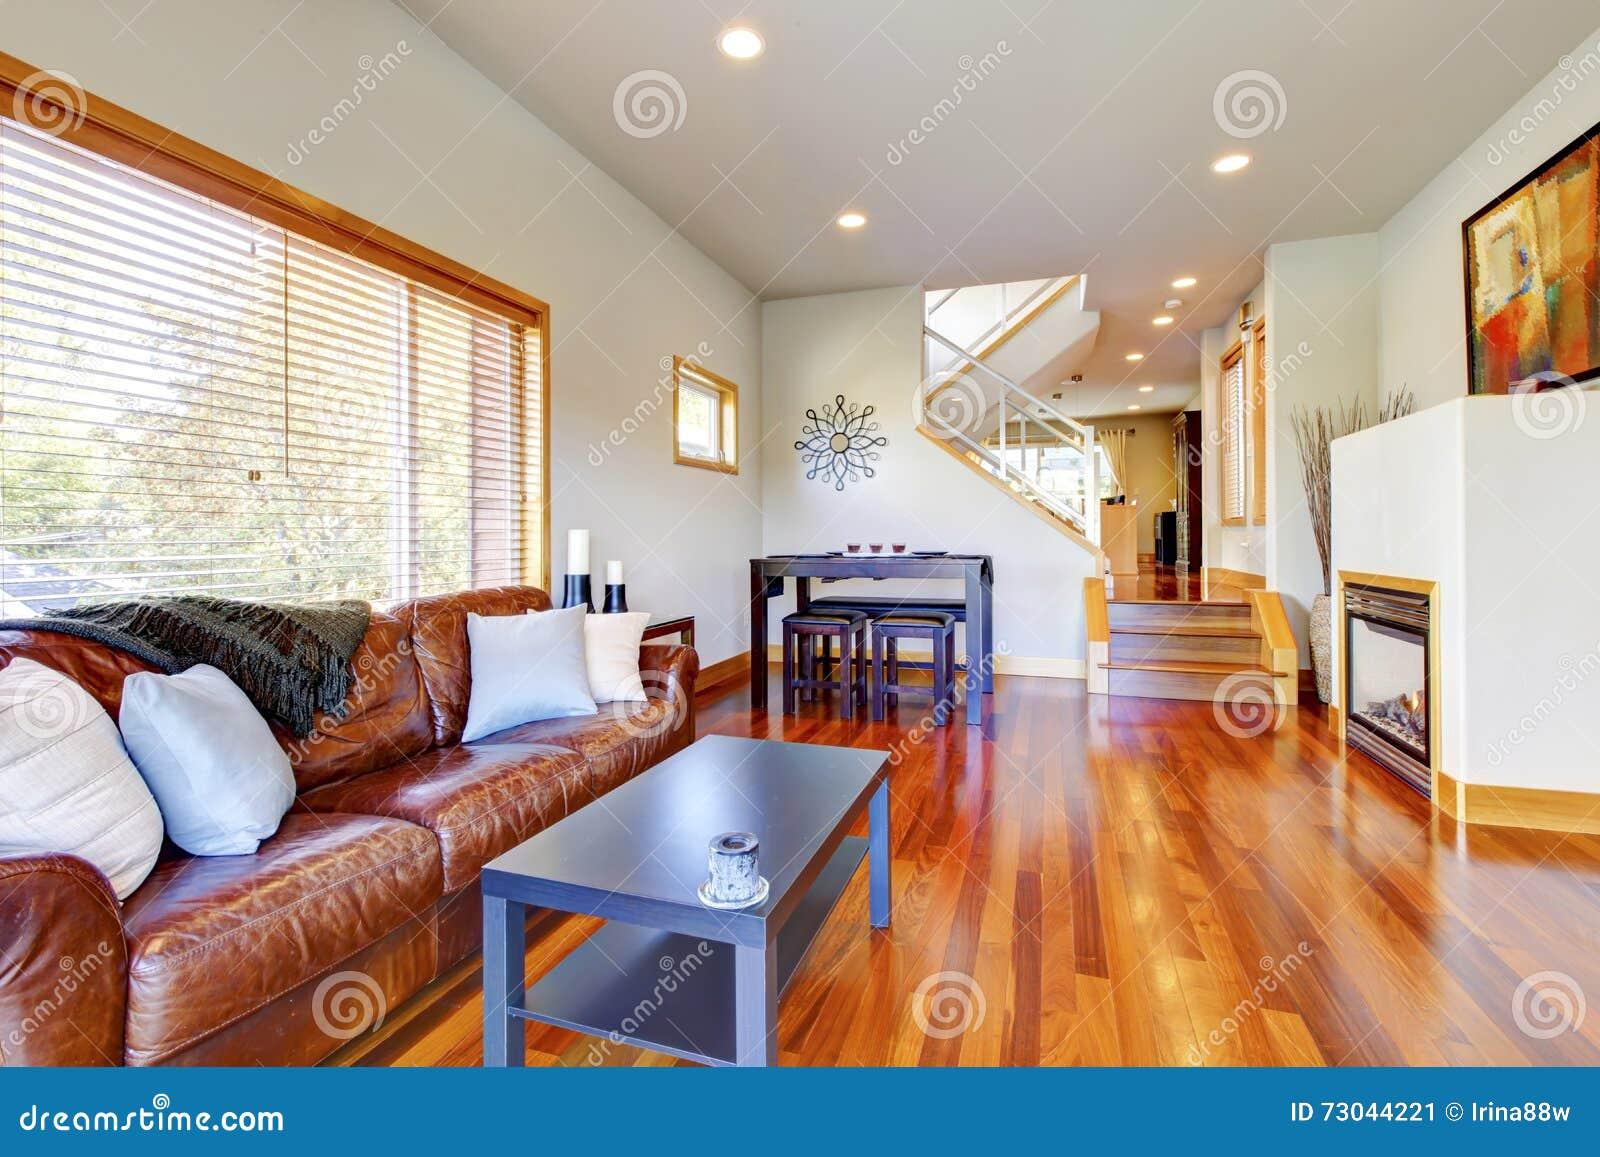 Blickfang Amerikanischer Kamin Dekoration Von Pattern Gemütliches Wohnzimmer Mit Brauner Ledercouch, Kamin,